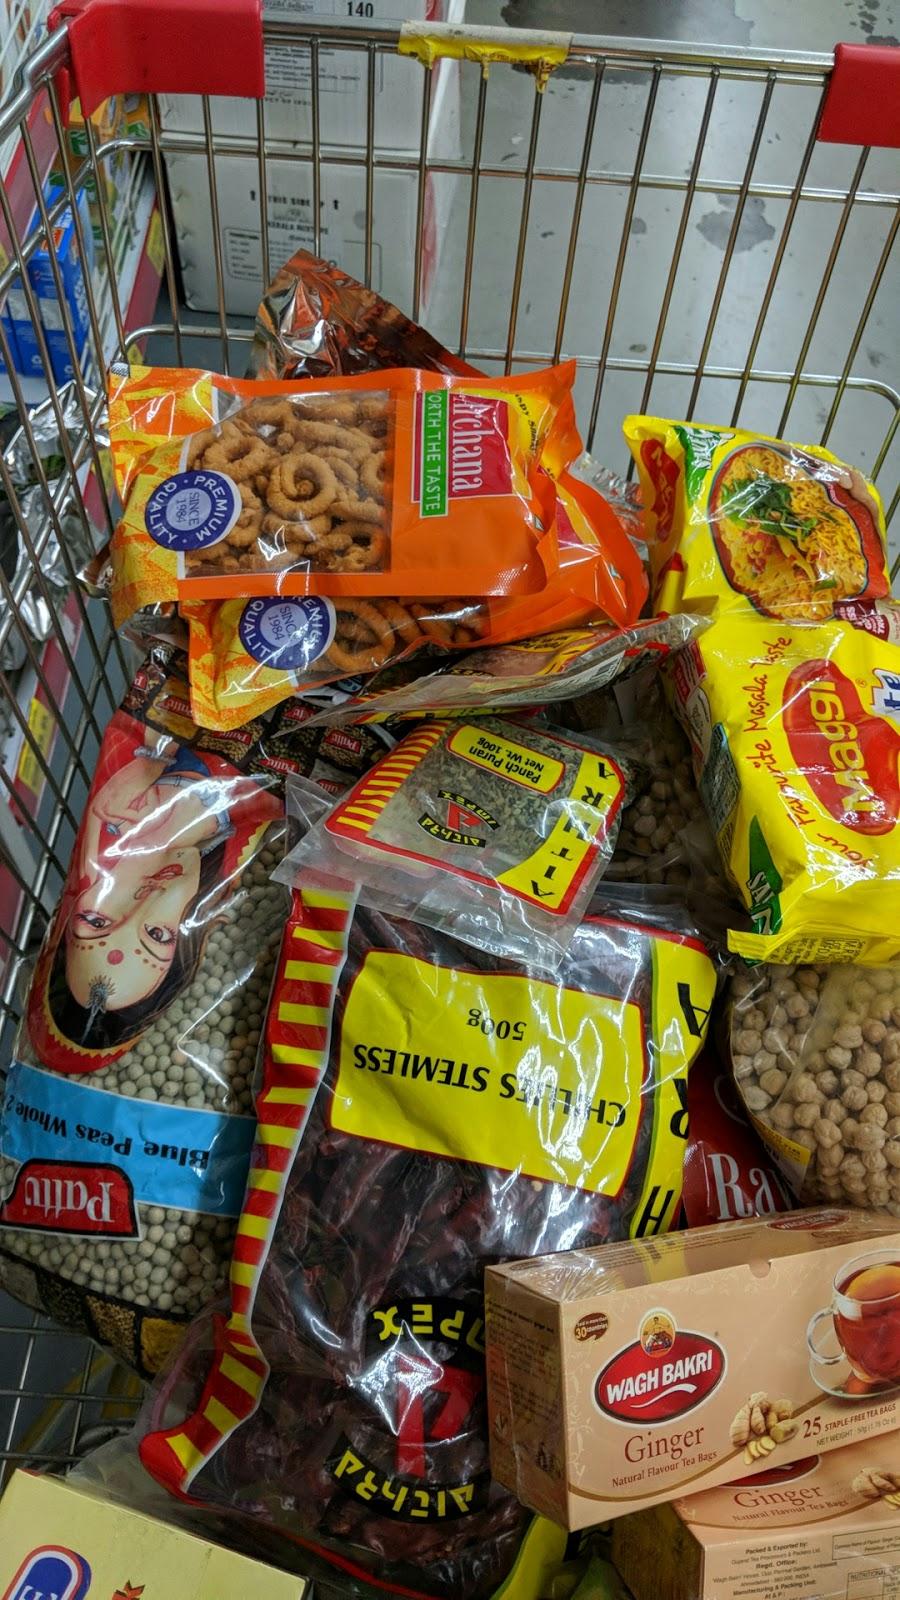 Udaya Supermarket | store | 78 Station St, Wentworthville NSW 2145, Australia | 0298963411 OR +61 2 9896 3411